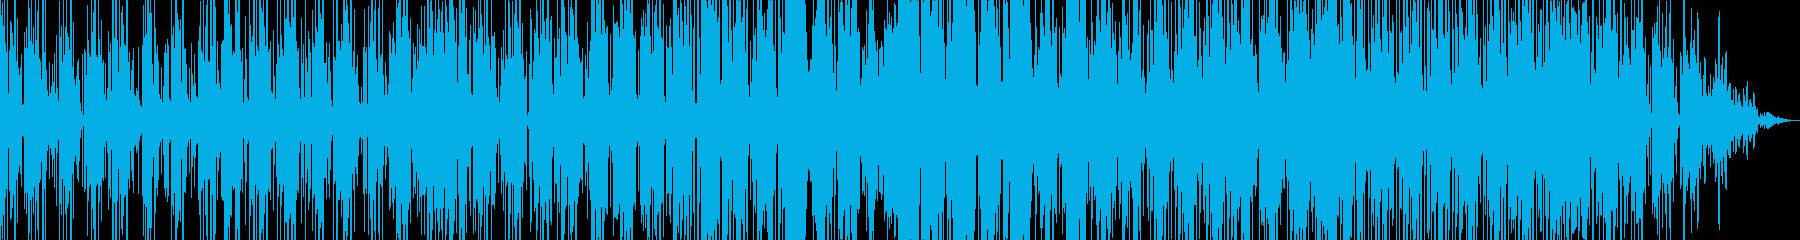 ワールド系のオリエンタルなインストです。の再生済みの波形